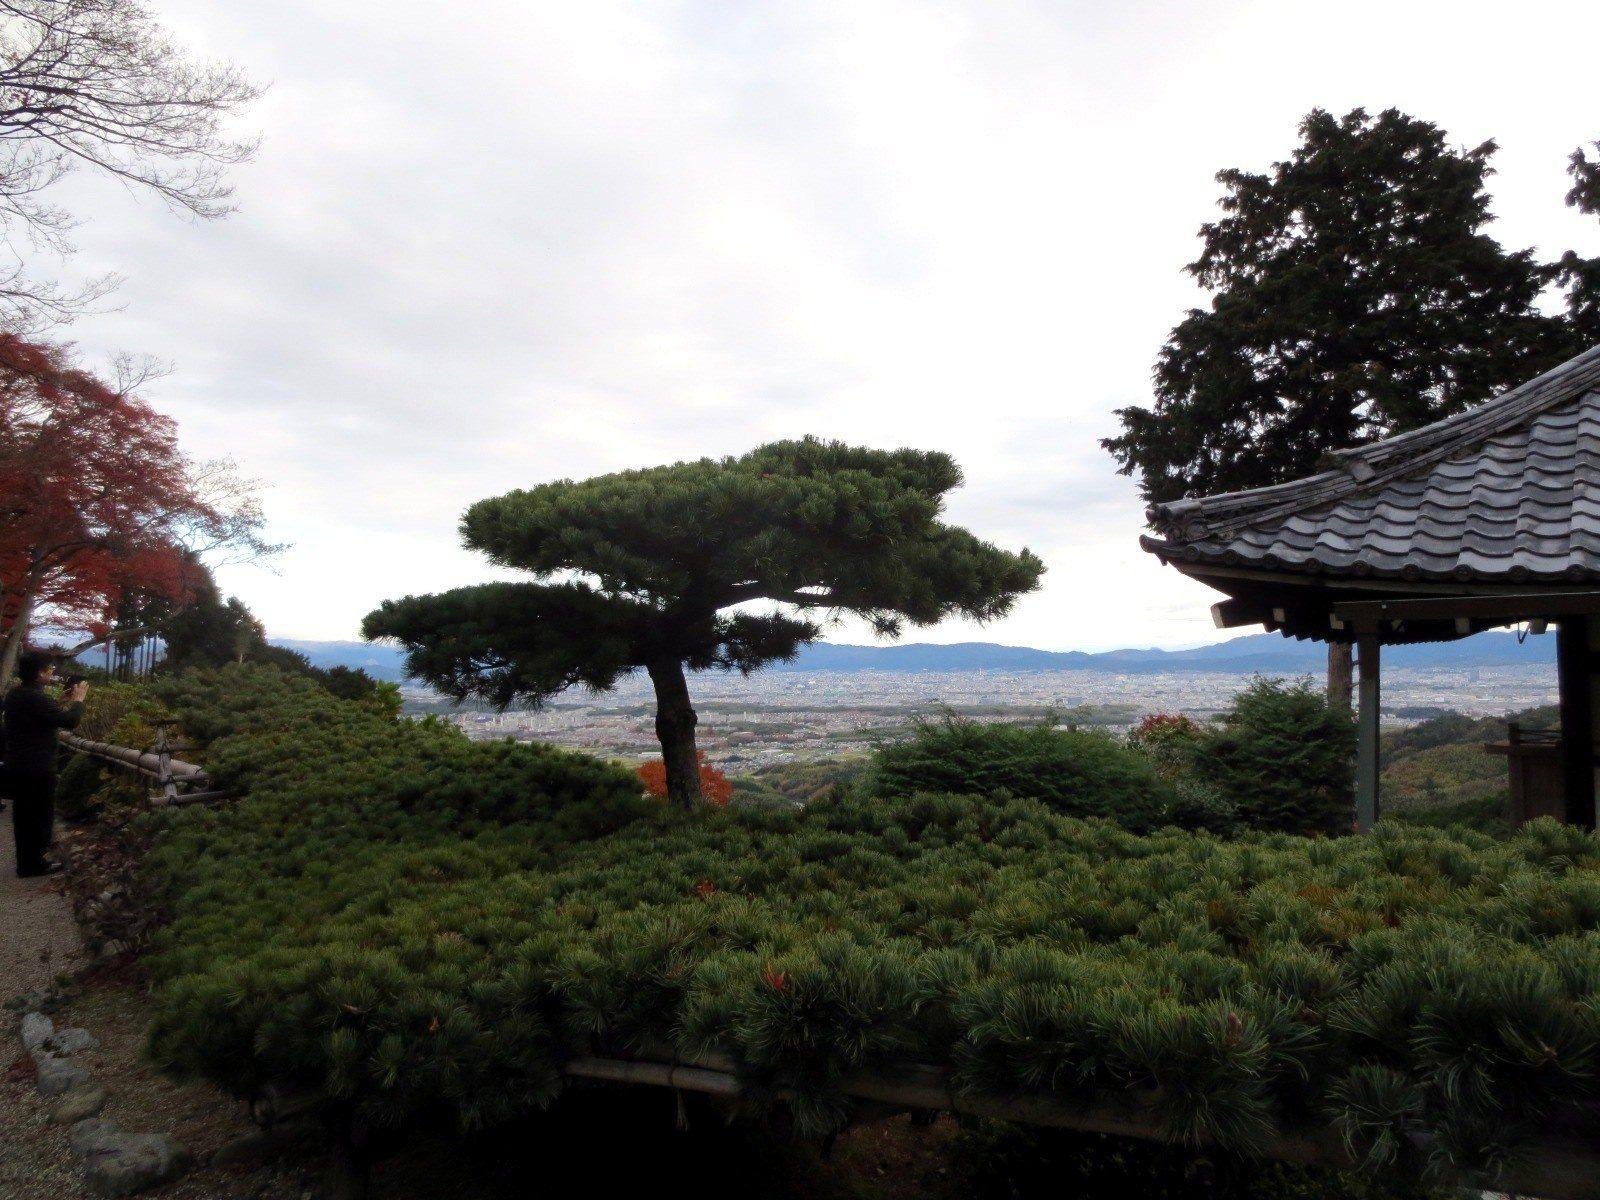 和游龙之松一起的京都街景